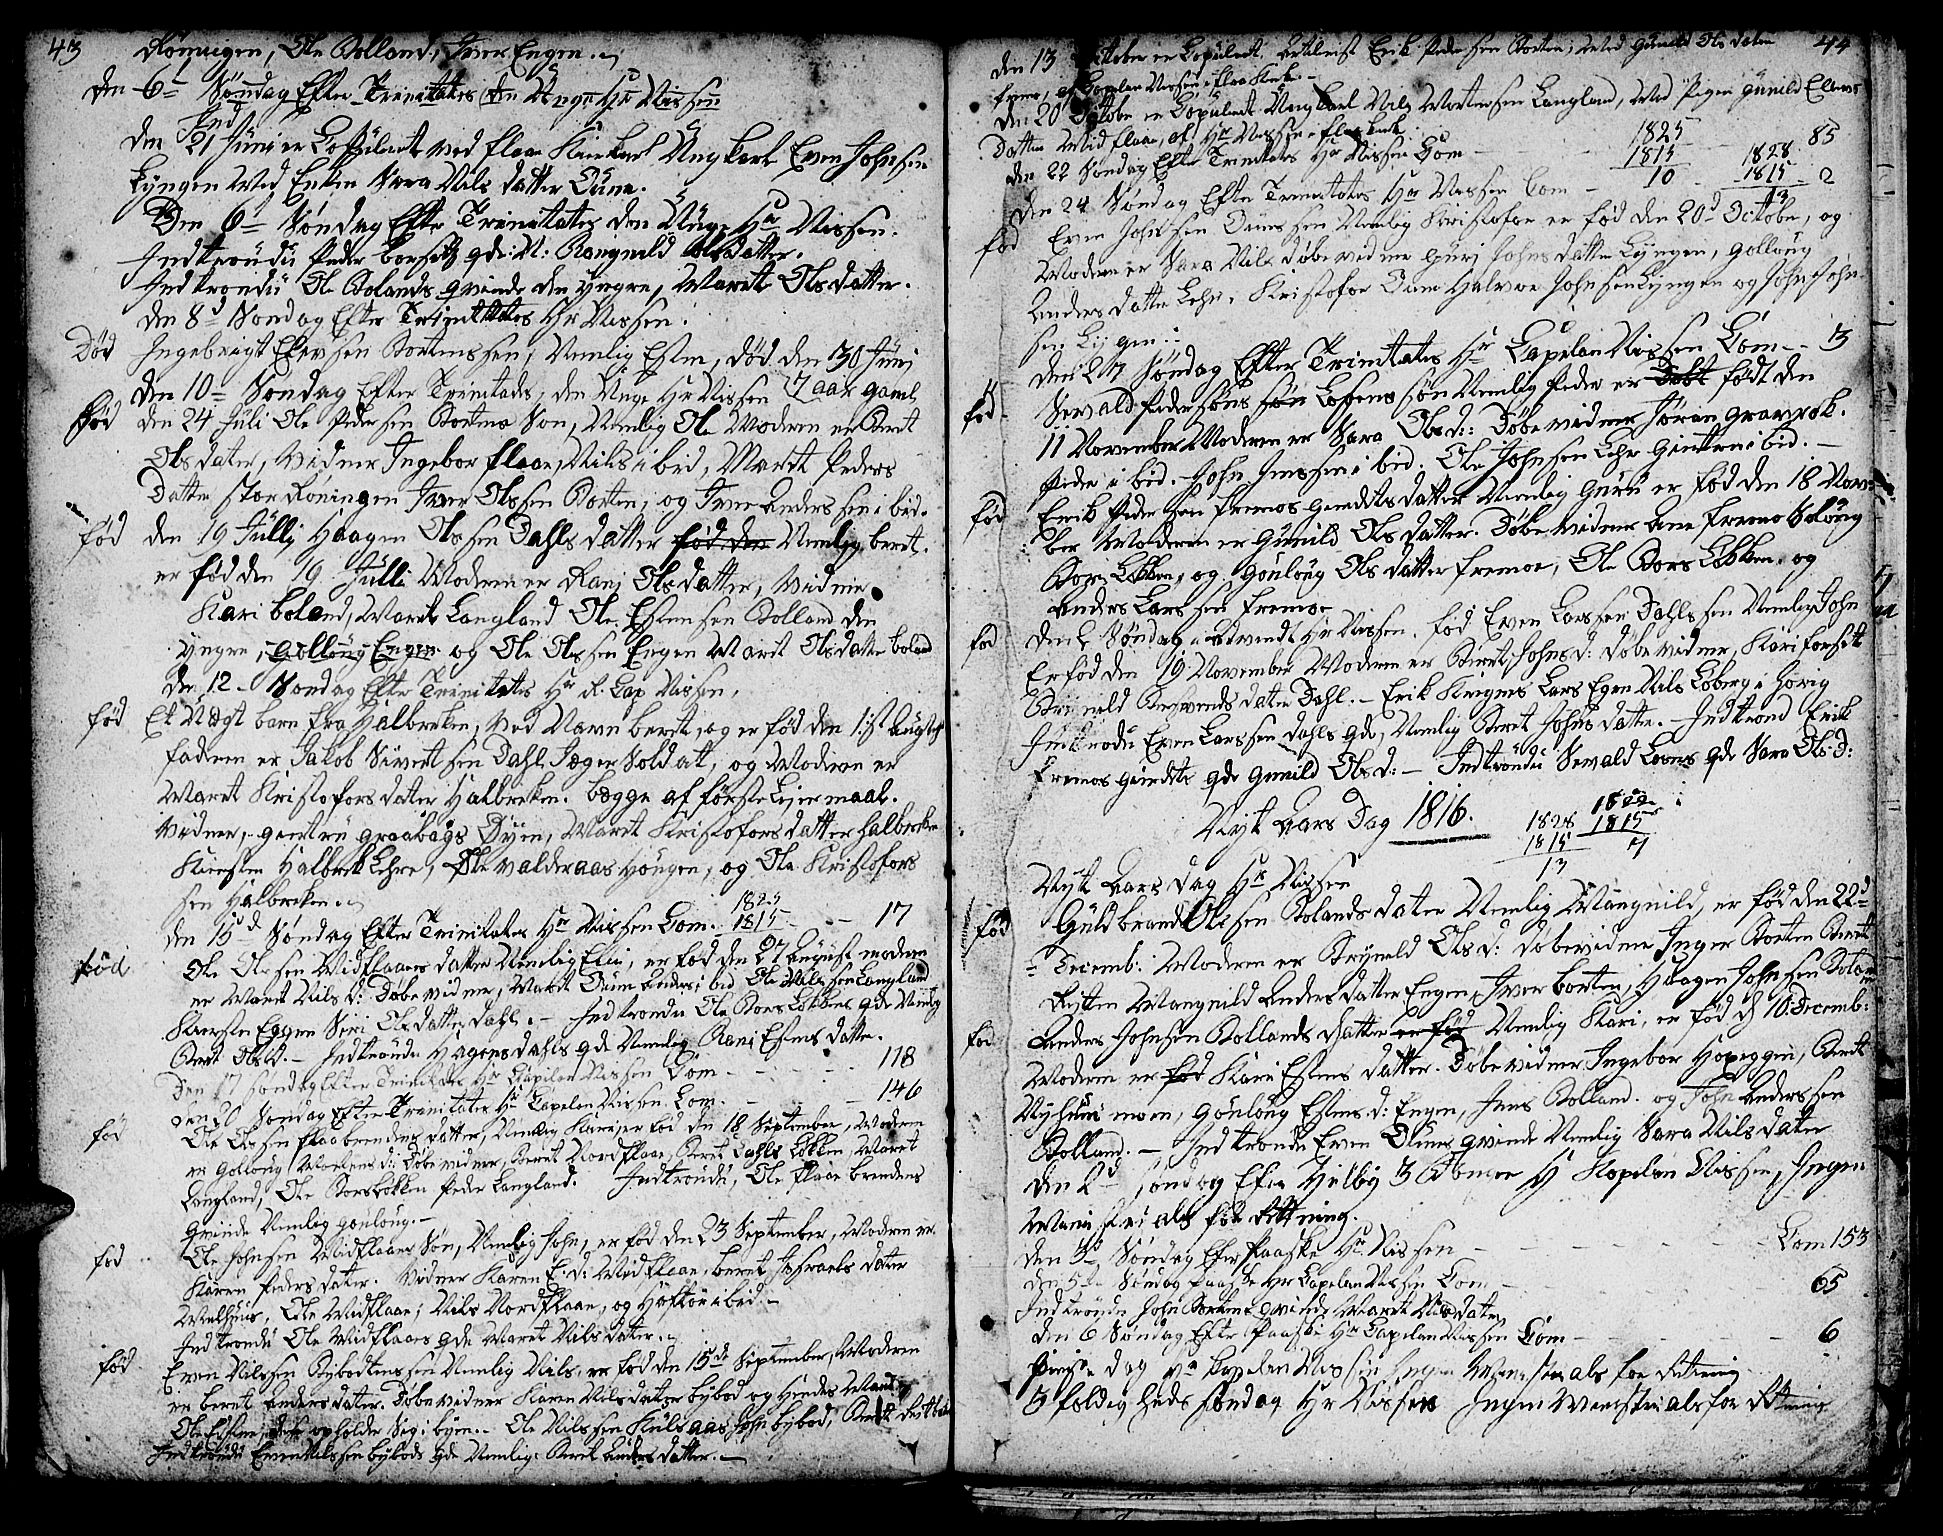 SAT, Ministerialprotokoller, klokkerbøker og fødselsregistre - Sør-Trøndelag, 693/L1120: Klokkerbok nr. 693C01, 1799-1816, s. 43-44